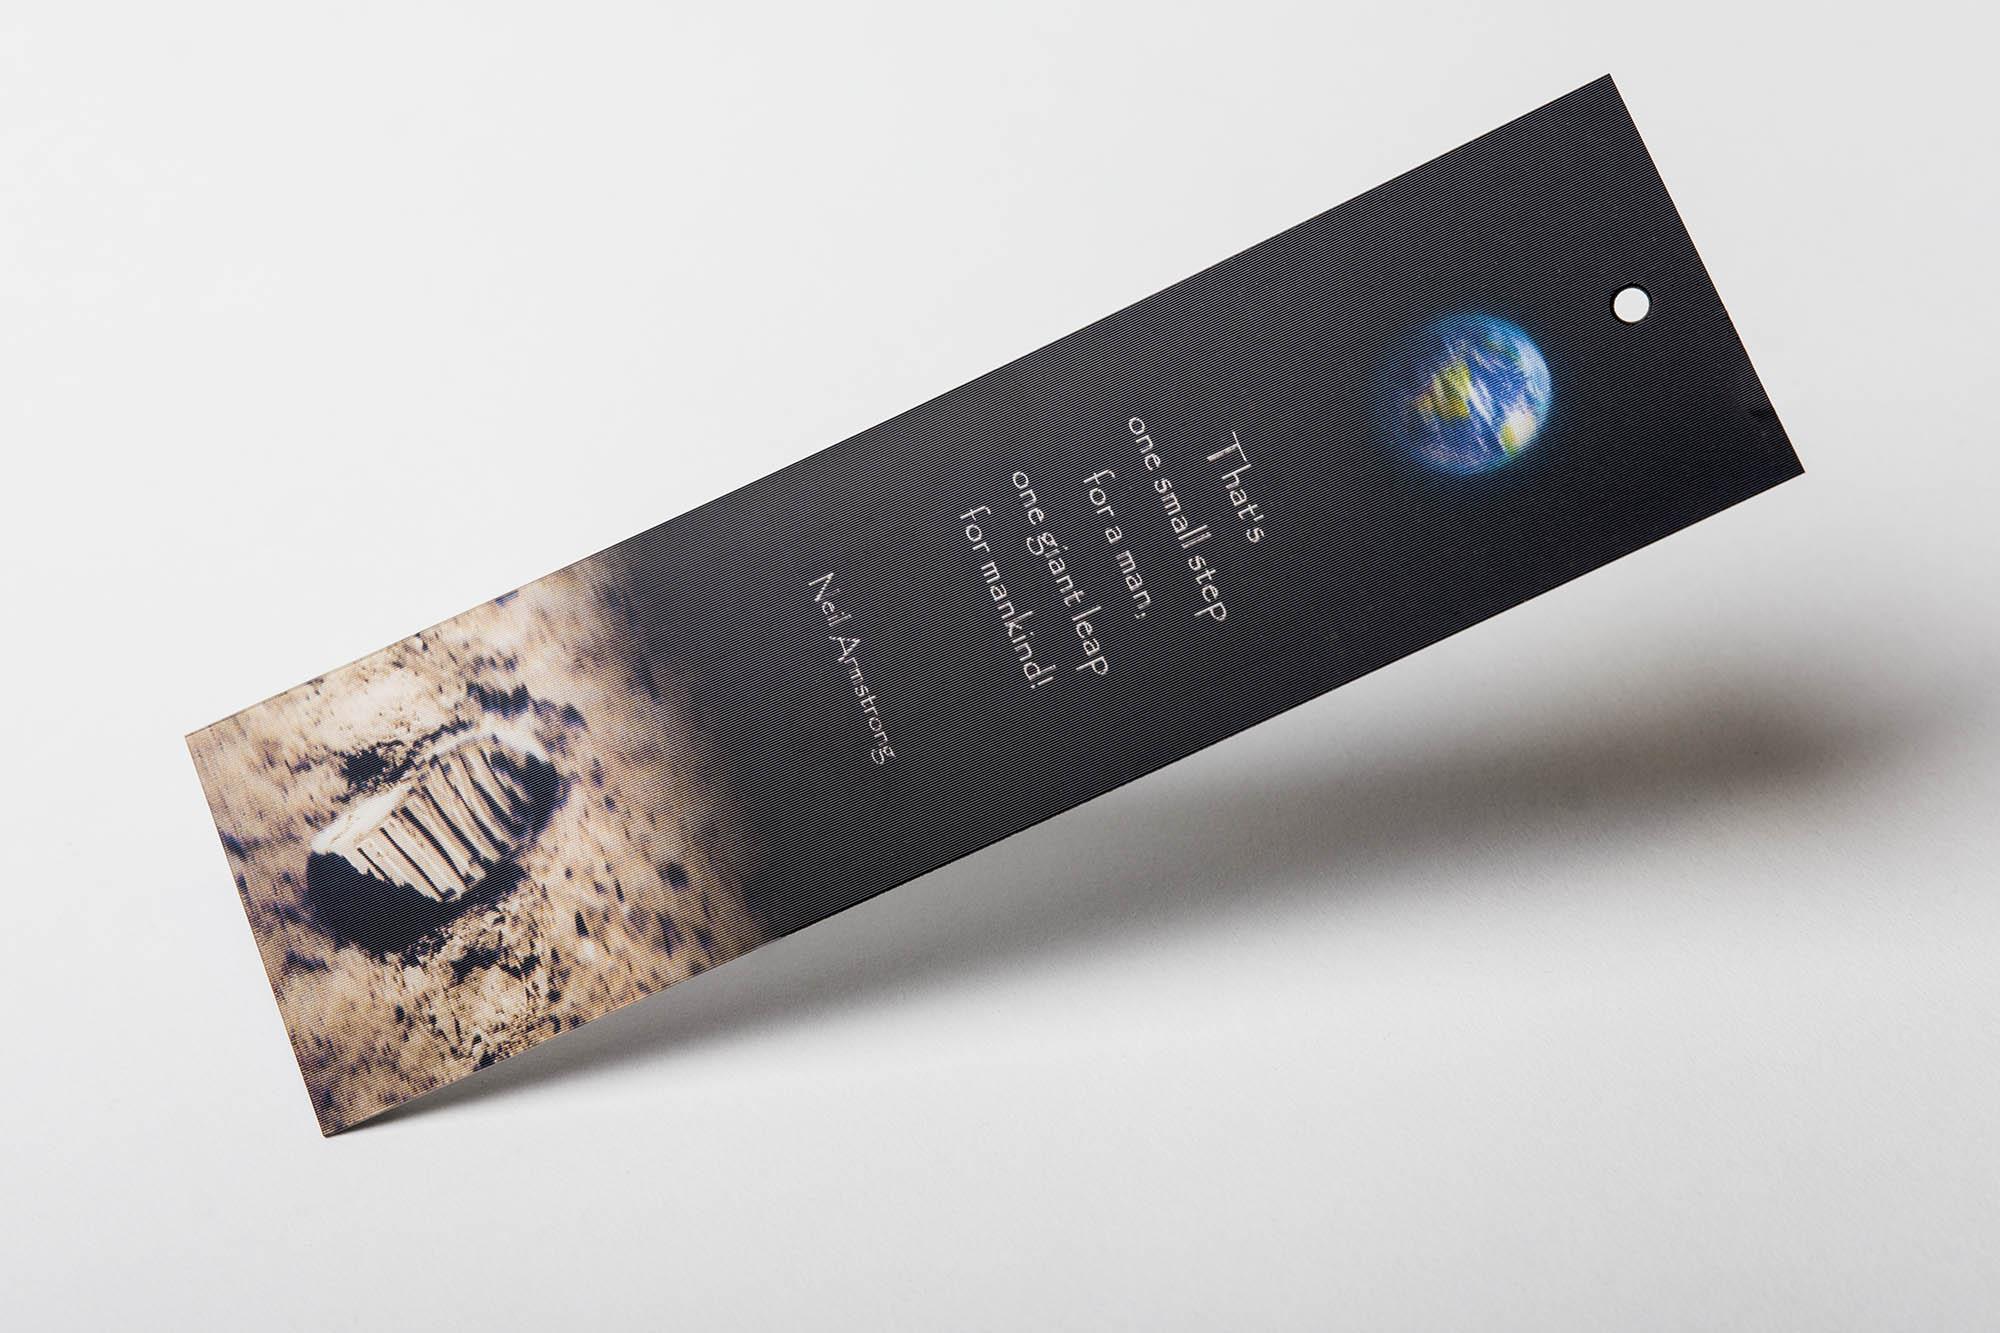 Lenticular Lesezeichen als Werbeartikel drucken